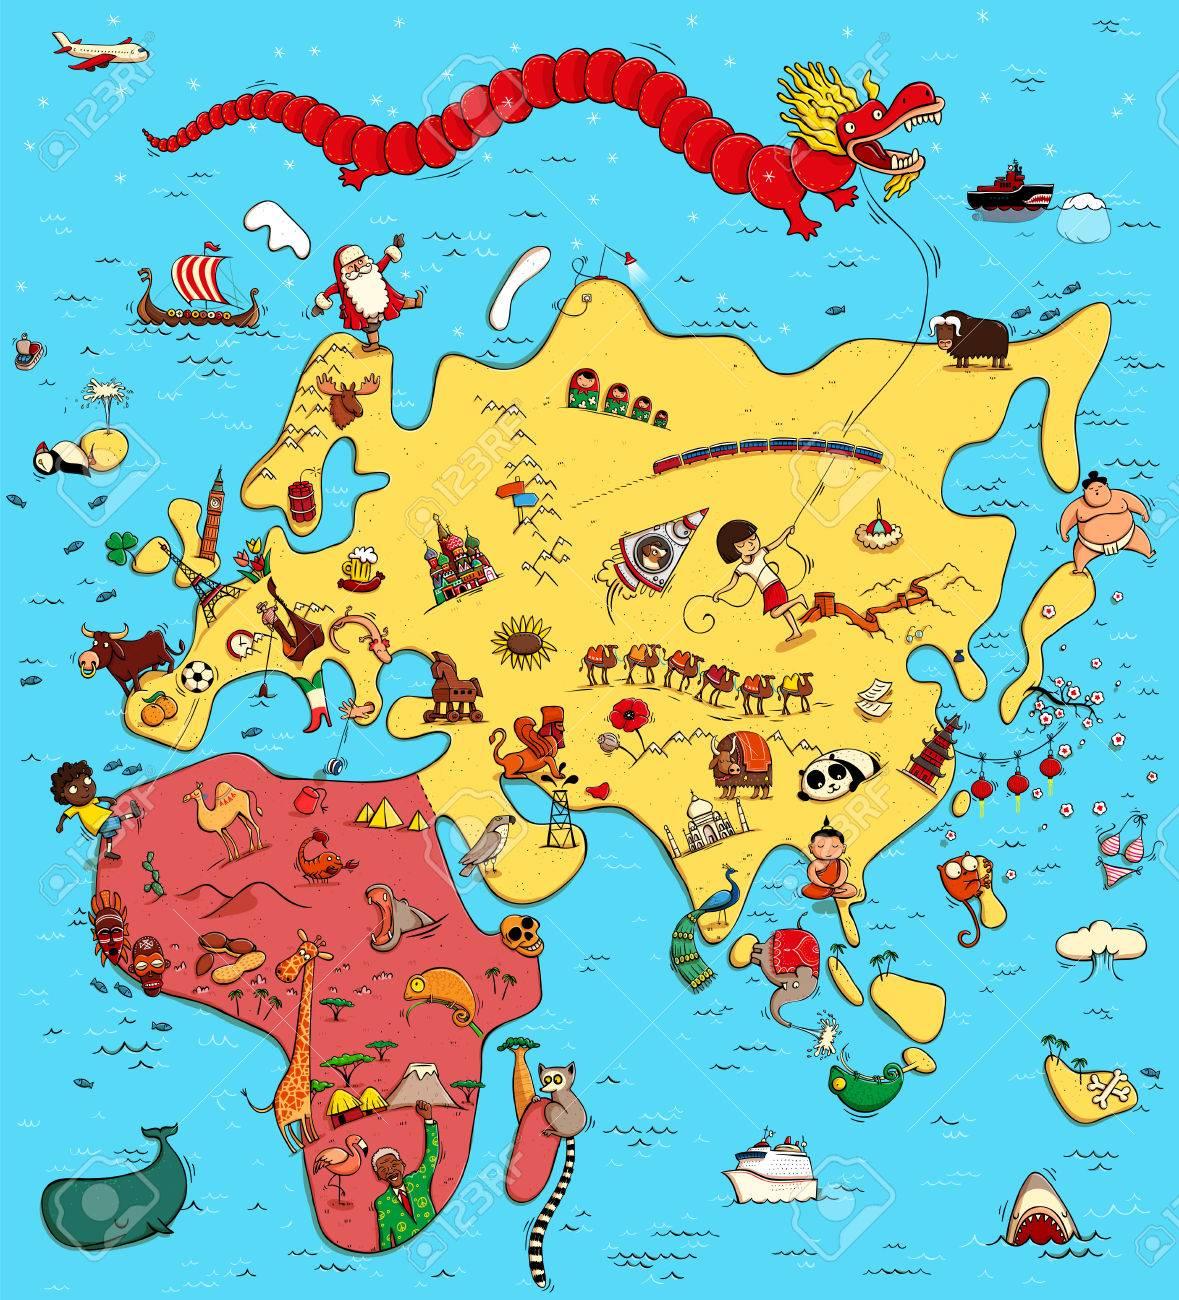 Carte De Lafrique Et Leurope.Carte Illustree De L Europe De L Asie Et De L Afrique Avec Les Objets Droles Et Typiques Les Personnes Les Activites Les Animaux Les Usines